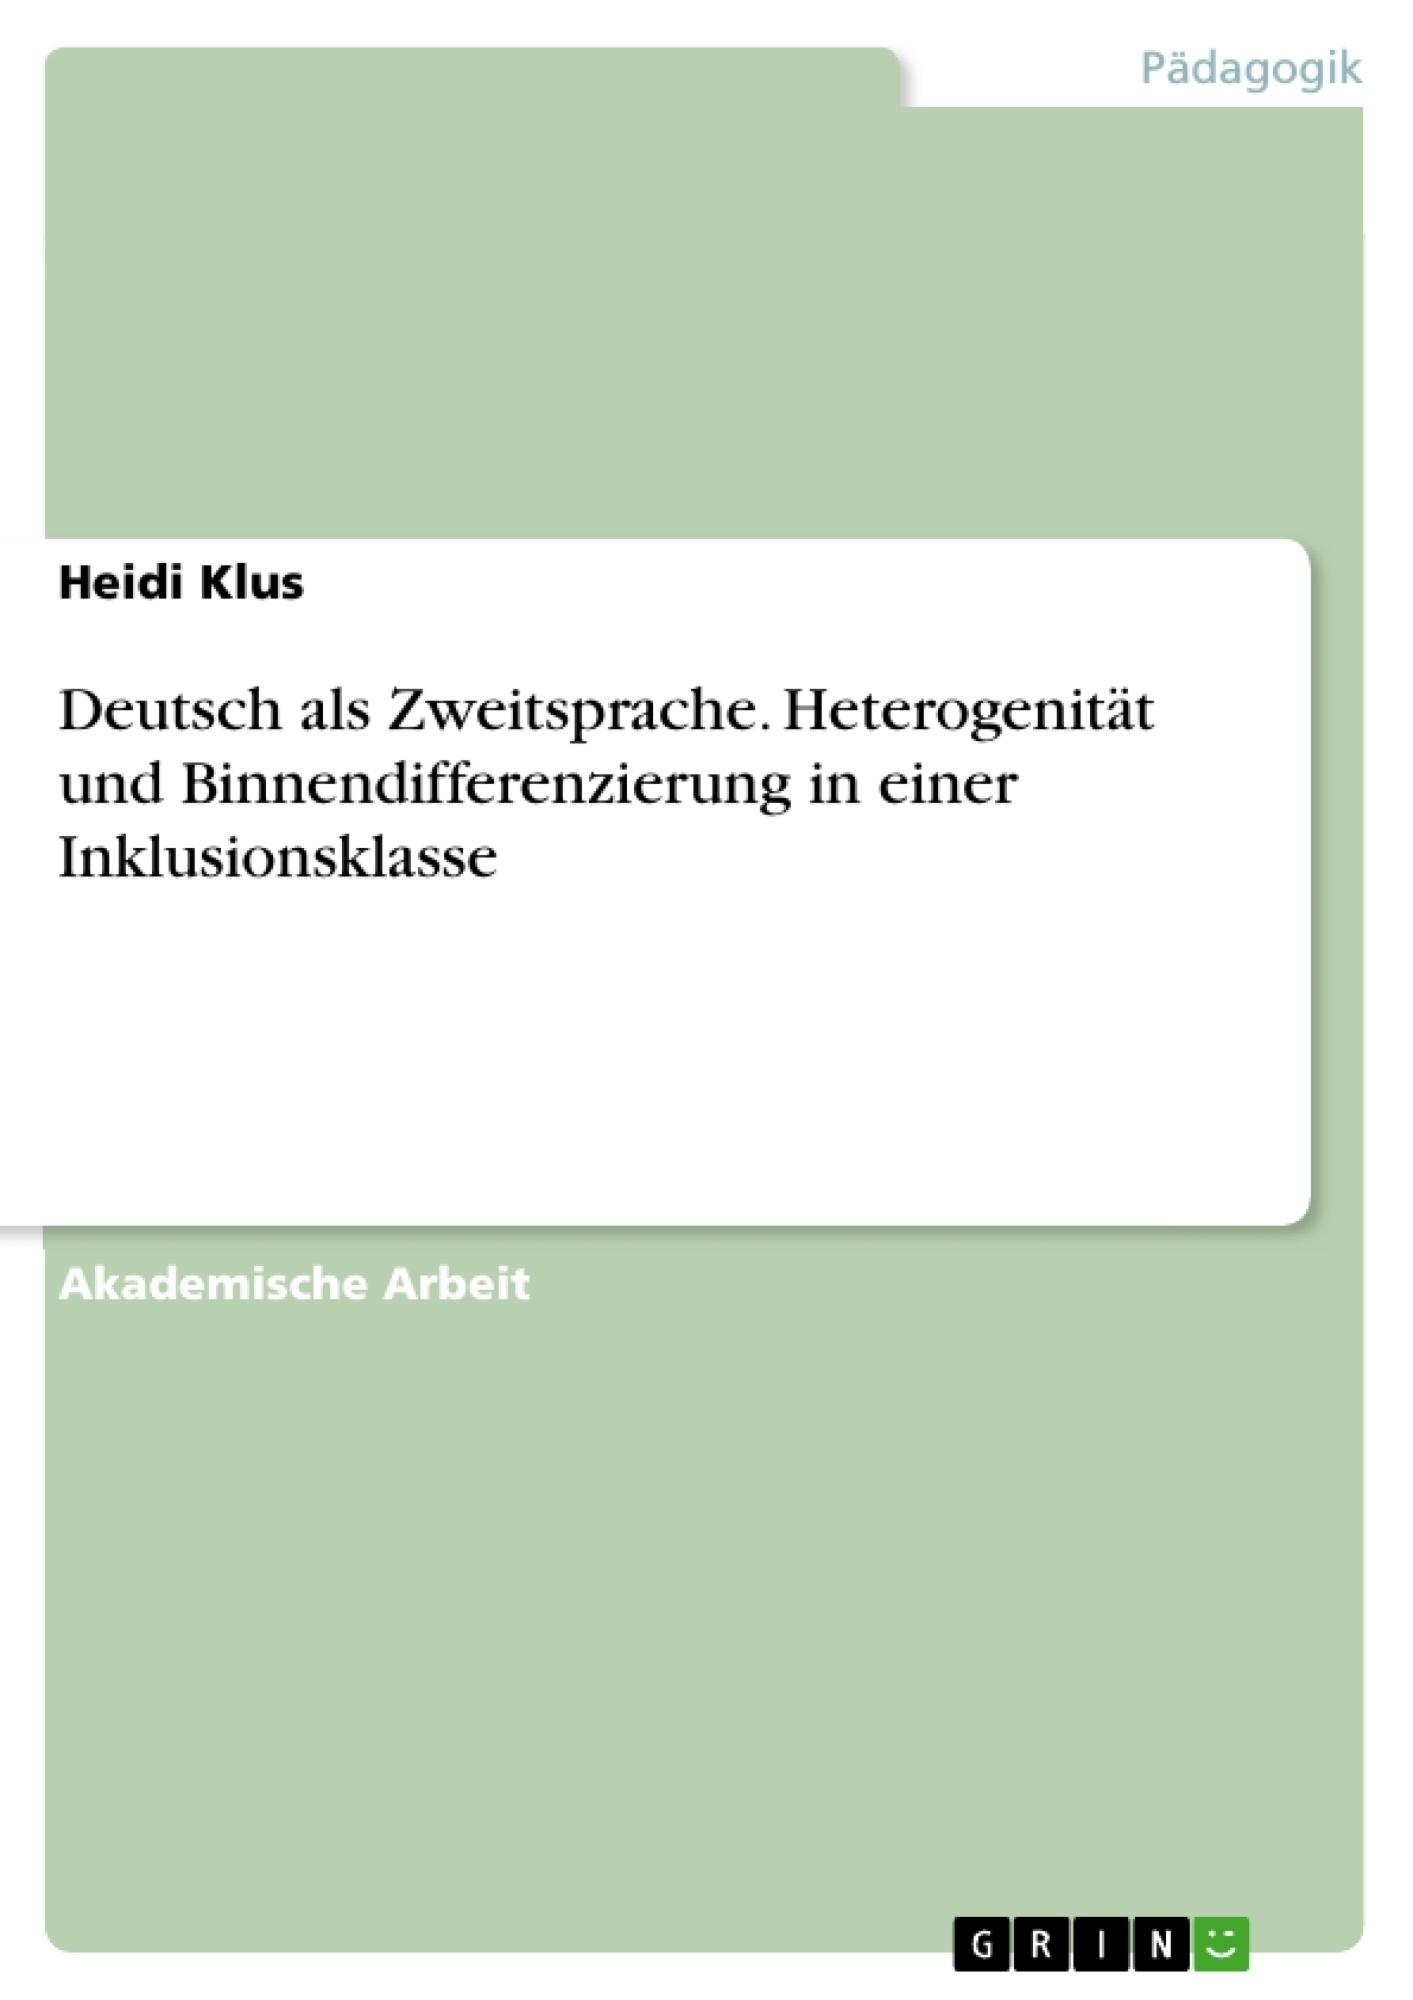 Titel: Deutsch als Zweitsprache. Heterogenität und Binnendifferenzierung in einer Inklusionsklasse